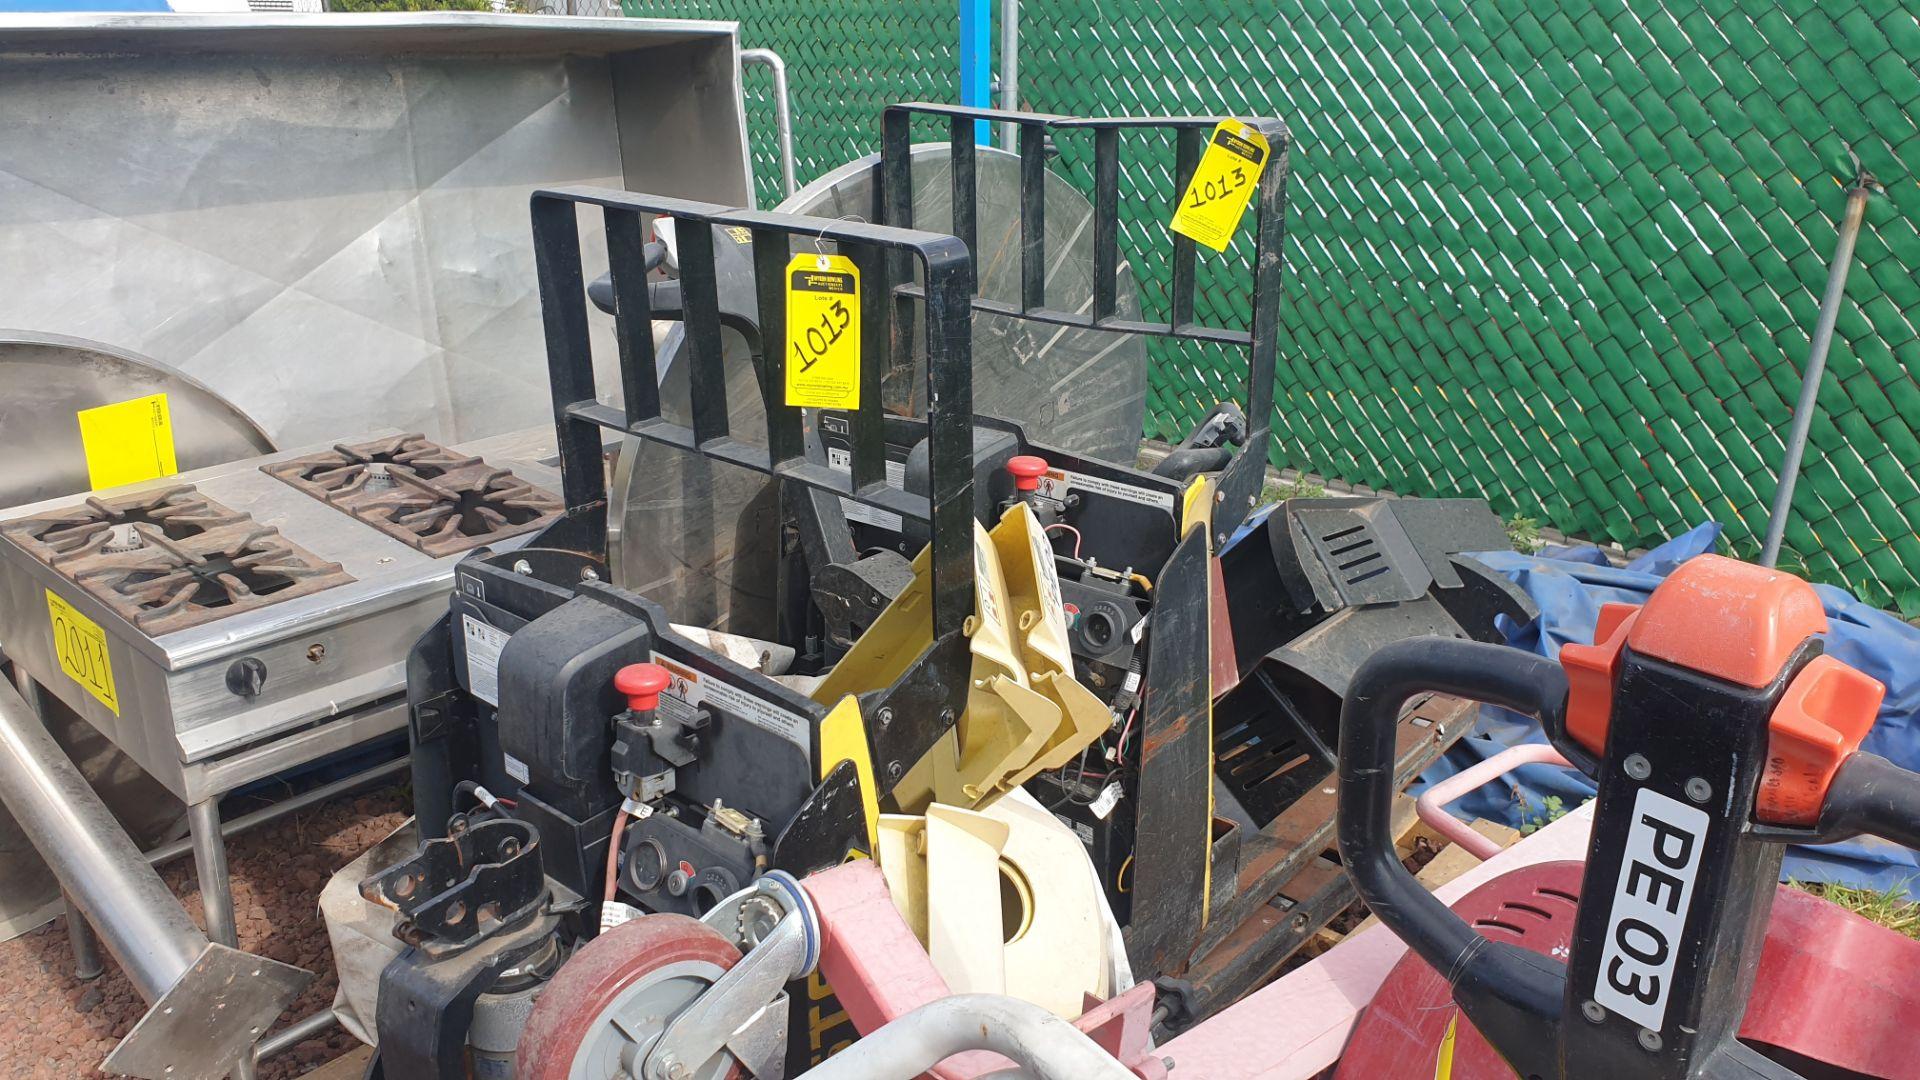 2 HYSTER lift pallet truck model W45ZHD 24 V , 1 DAYTON lift pallet truck model 21XV82 - Image 3 of 21